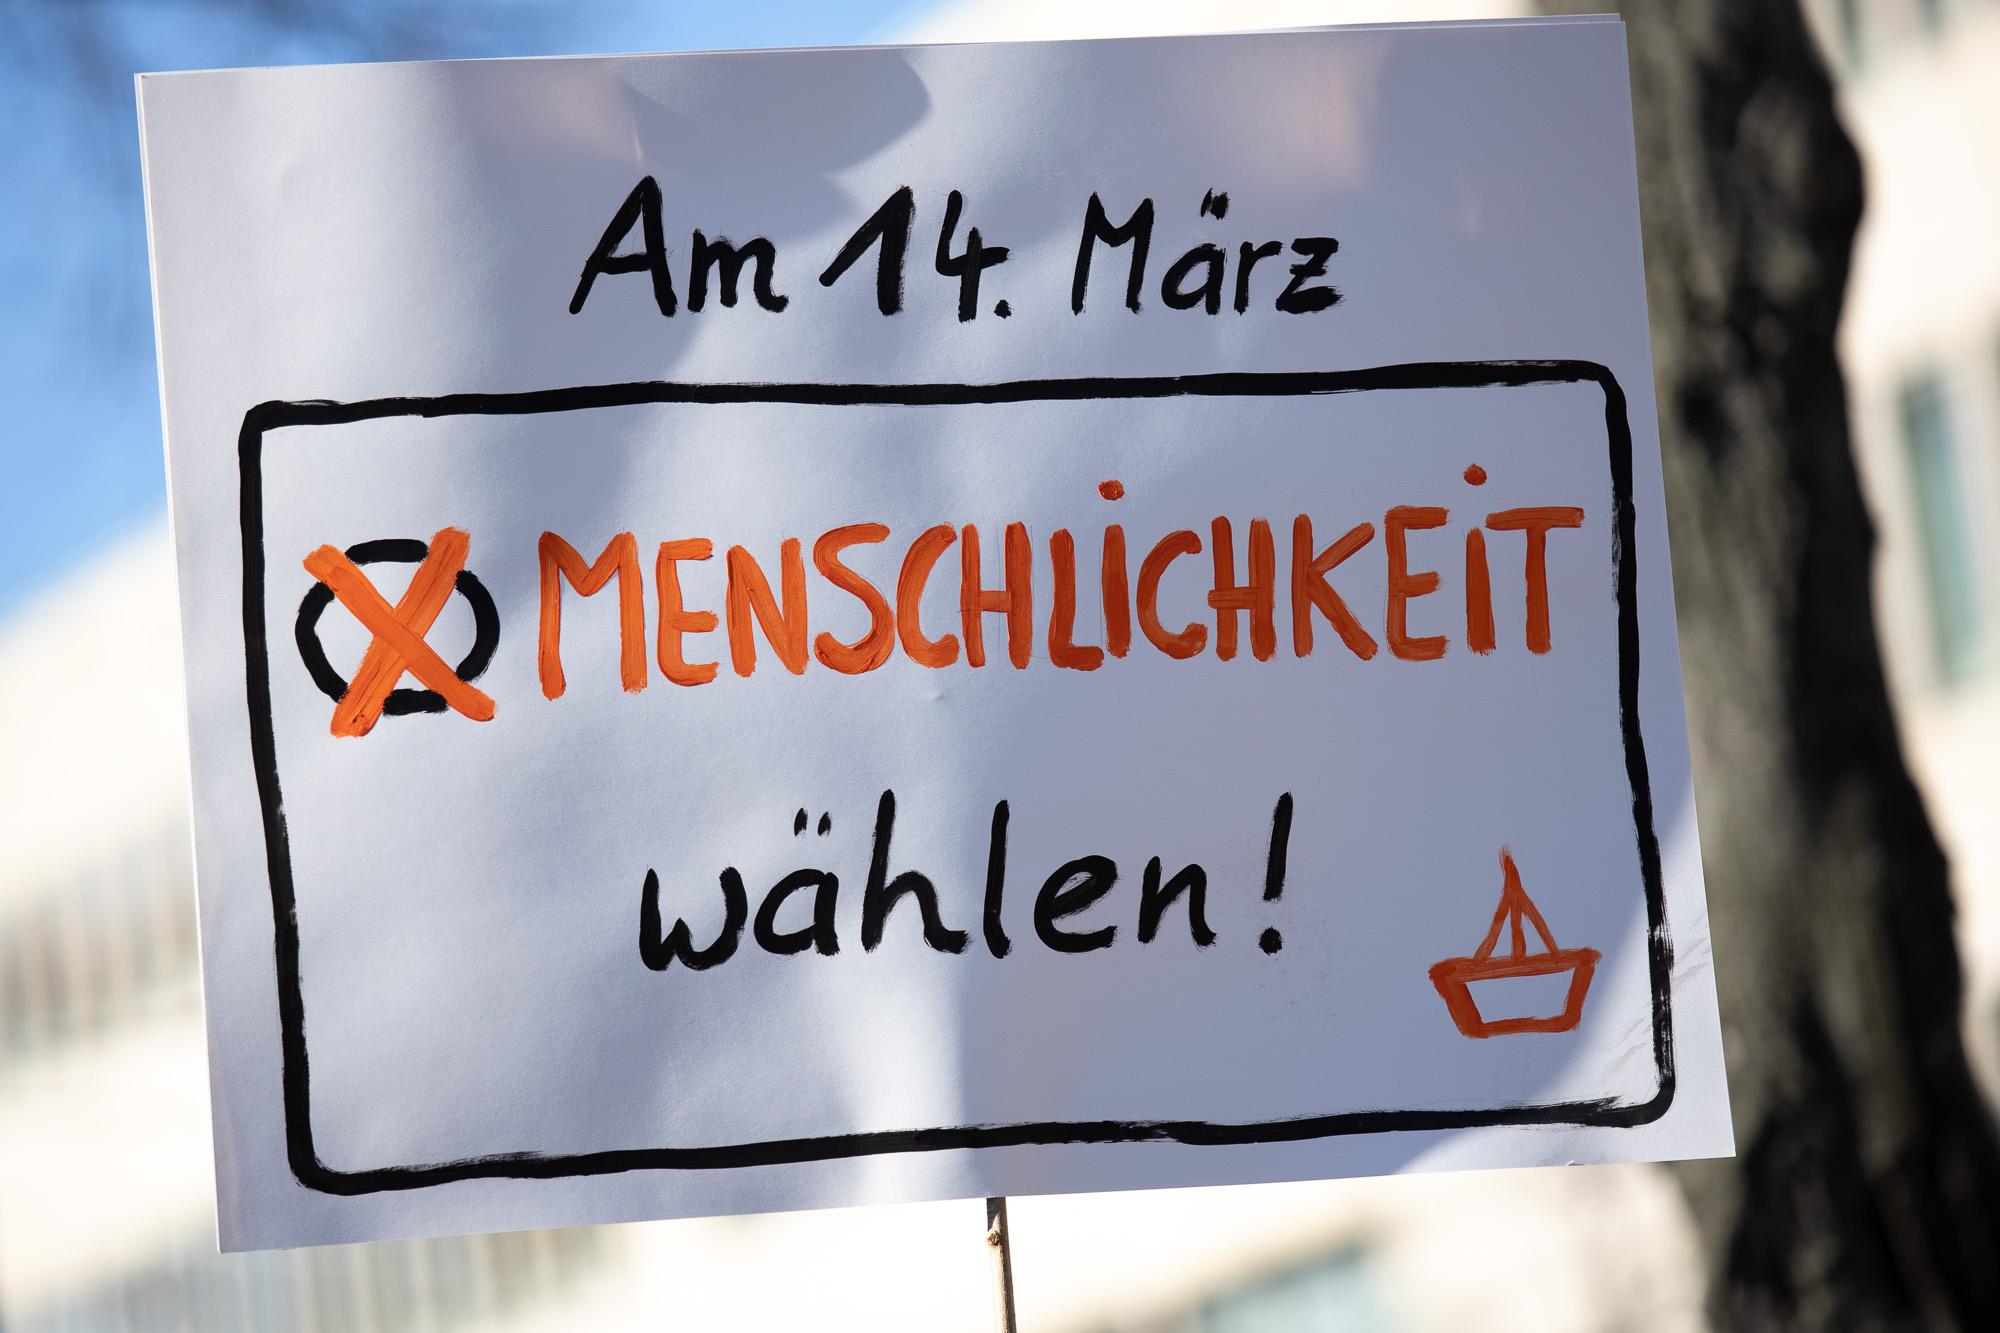 Wahlprüfsteine der Seebrücke – Was sagen die Parteien zum Thema Flucht und Aufnahme Geflüchteter?